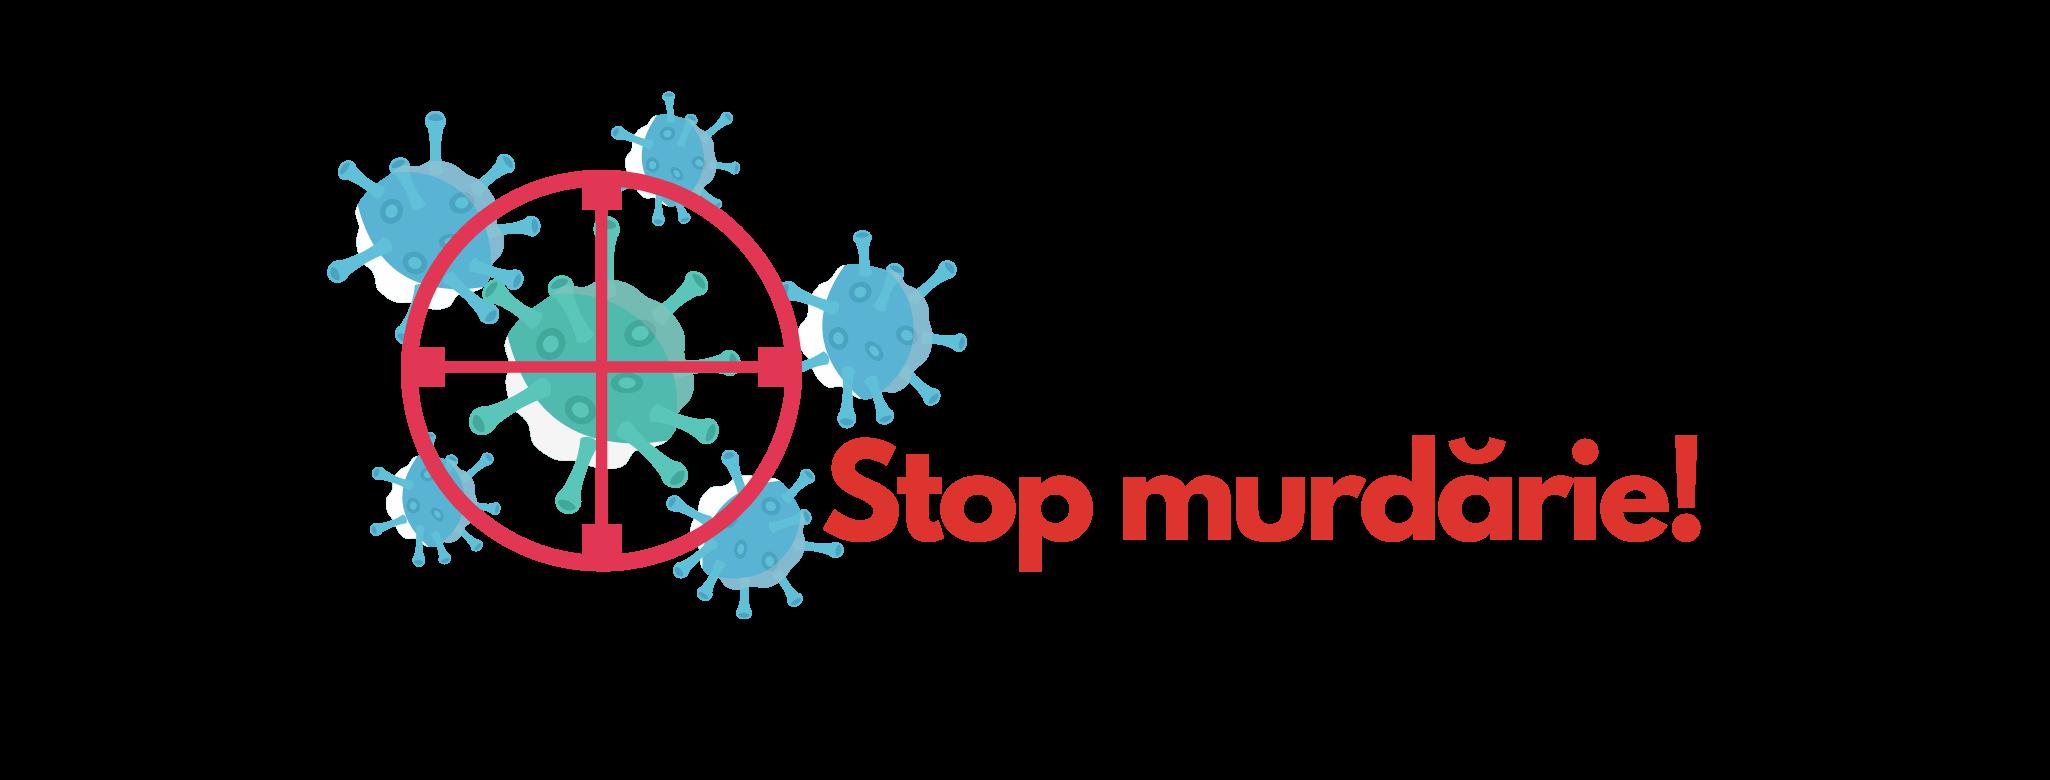 Stop Murdarie!